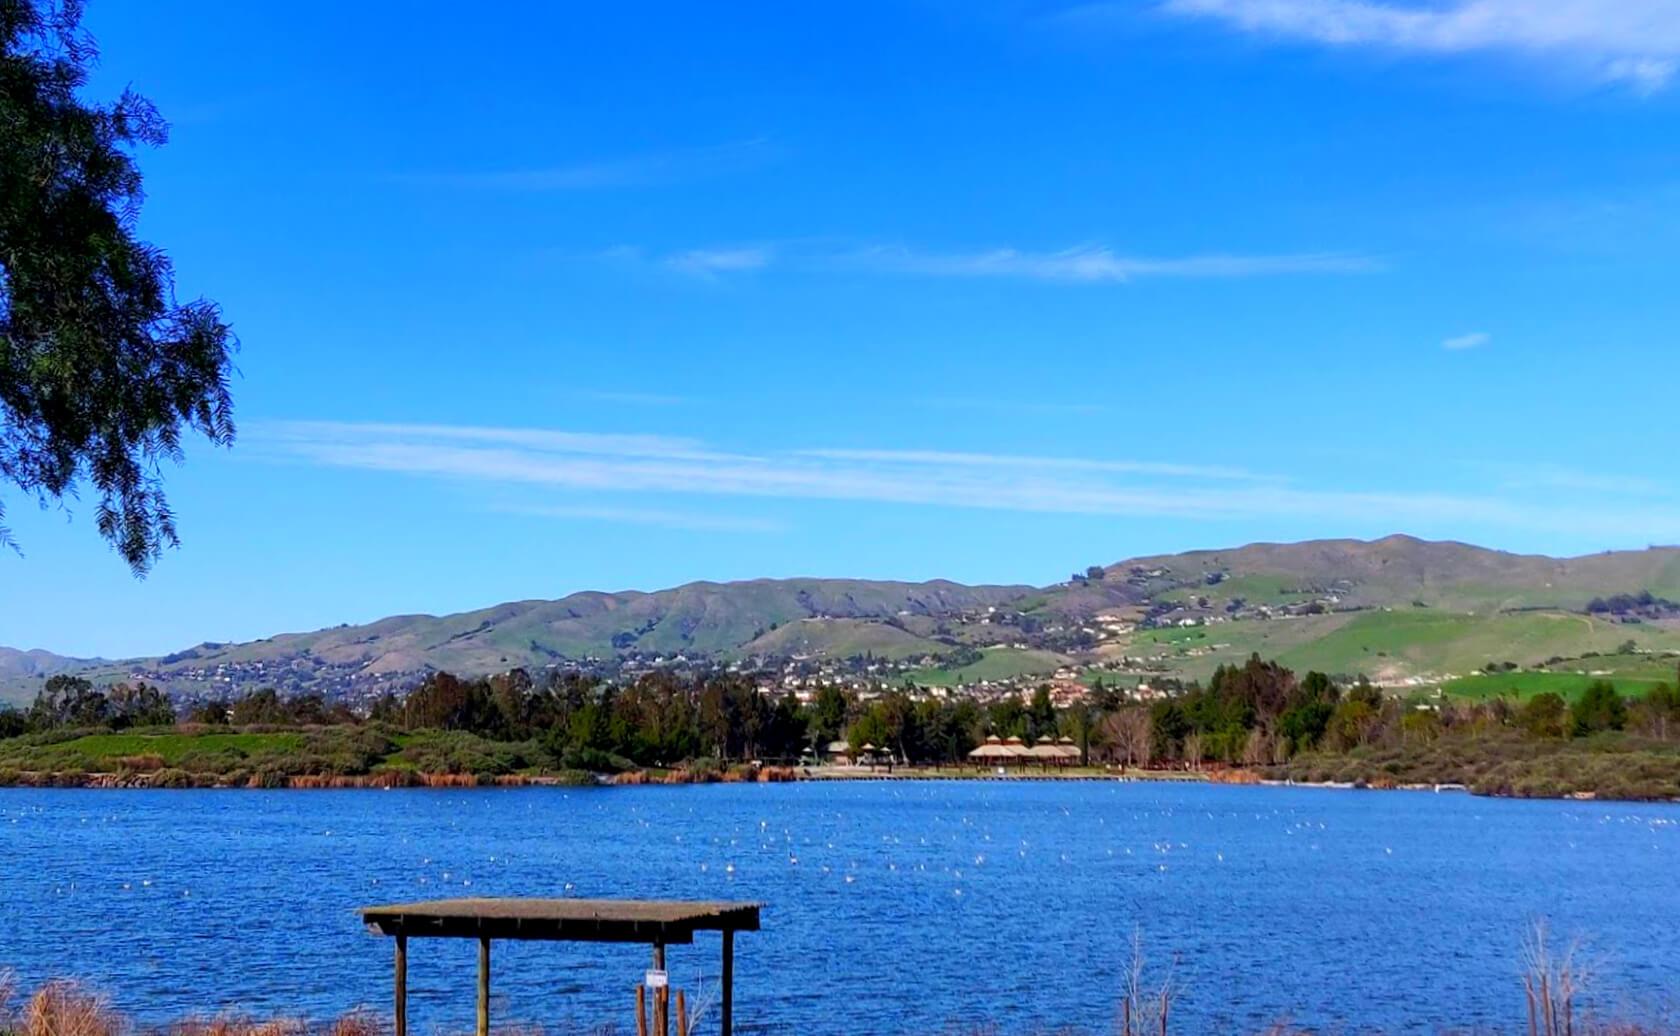 Lake-Cunningham-Fishing-Guide-Report-San-Jose-CA-01